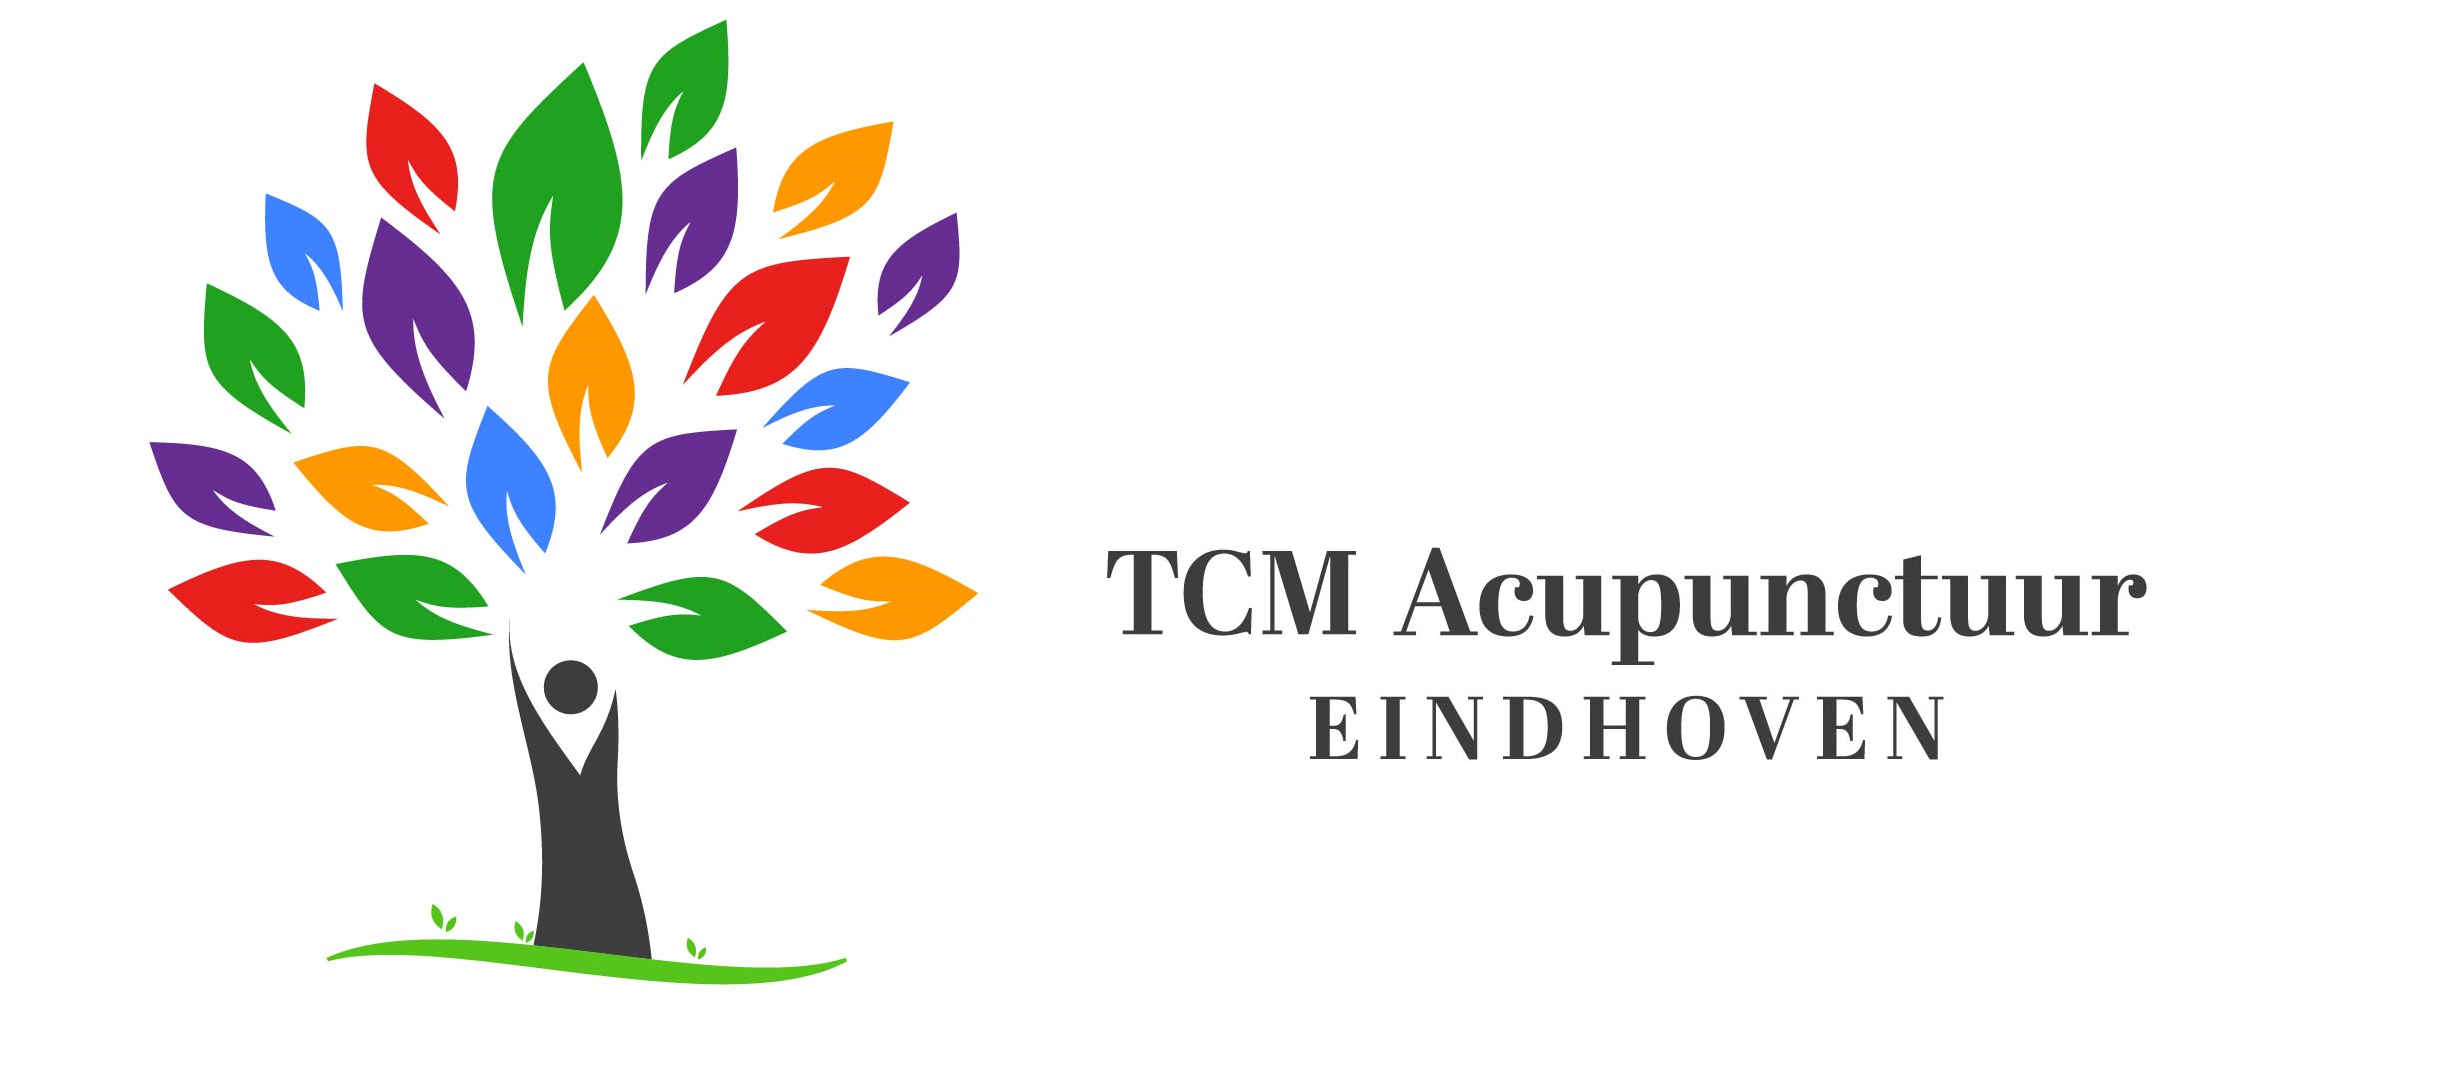 TCM Acupunctuur Eindhoven|Acupuncturist Eindhoven